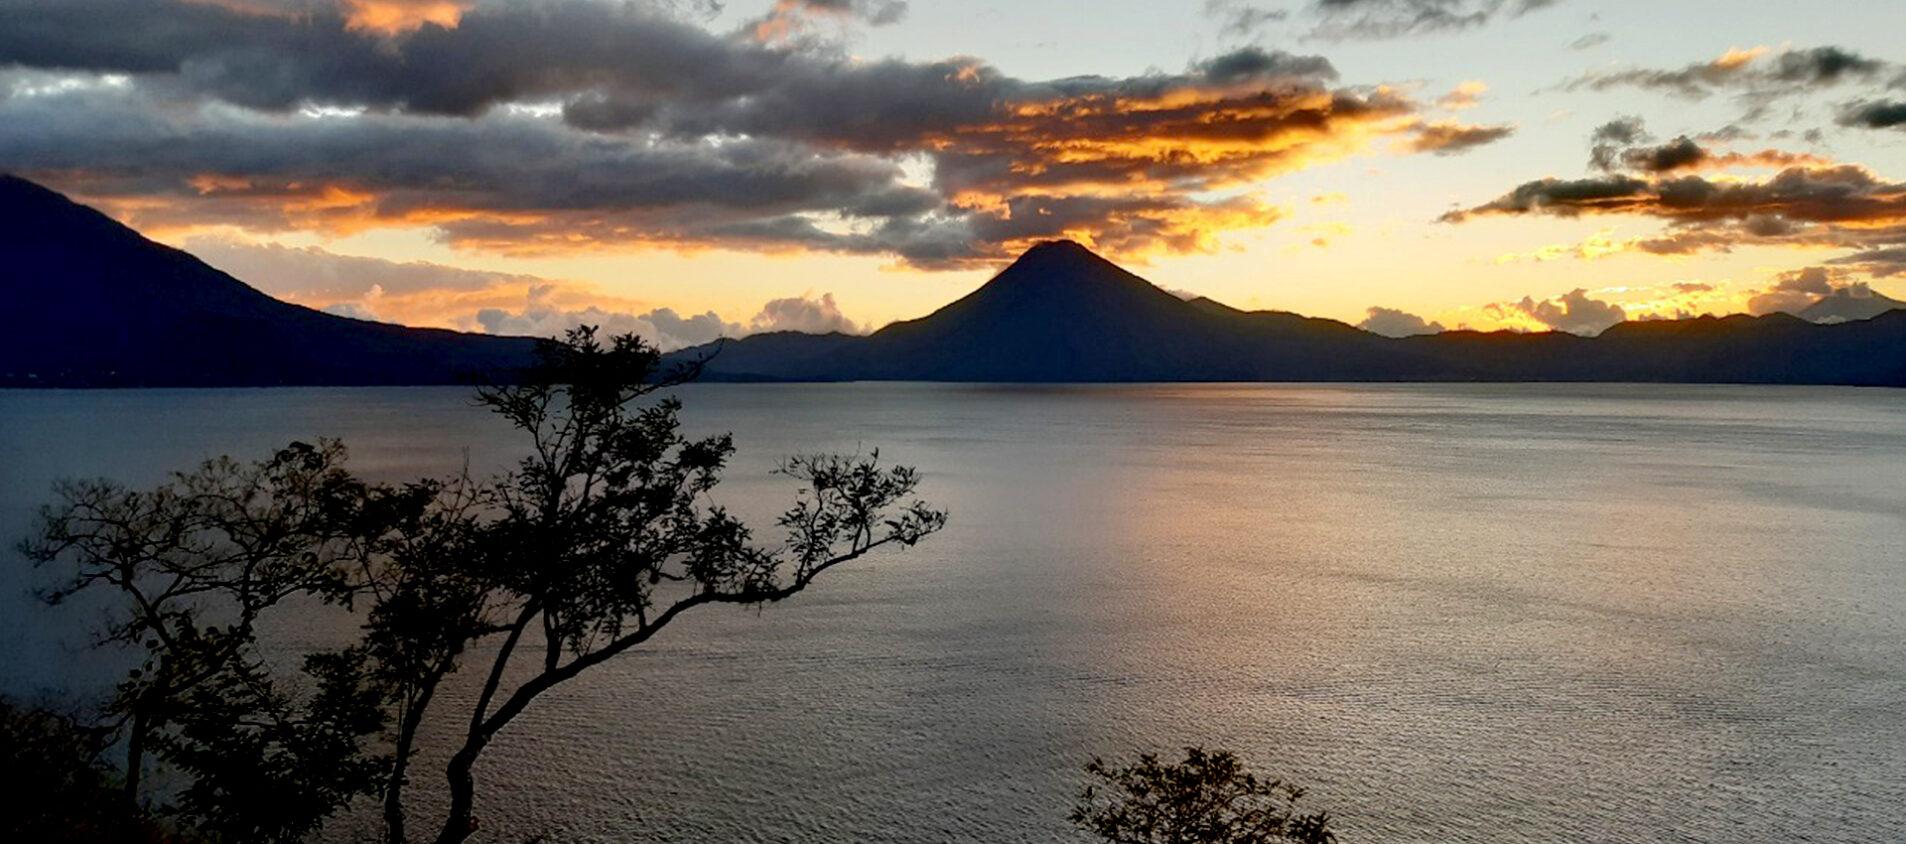 Många turister kommer till staden för att se sjön och vulkanerna.